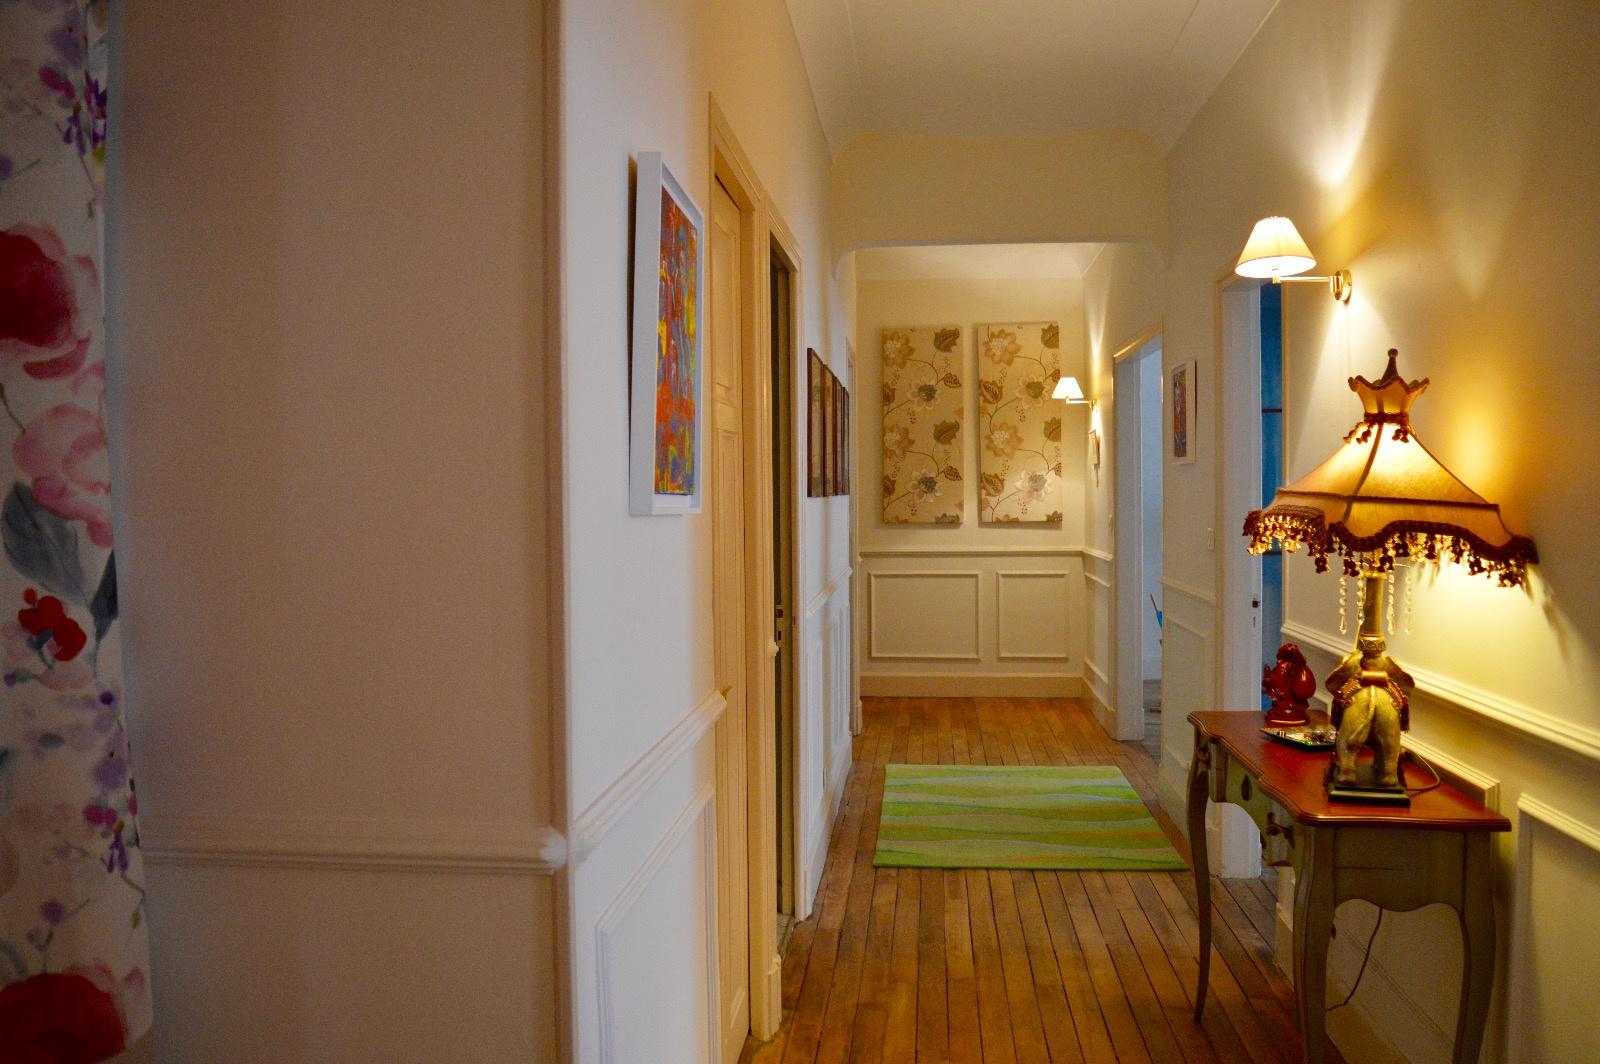 Vente limoges hyper centre coup de coeur pour cet appartement - Appartement meuble limoges ...